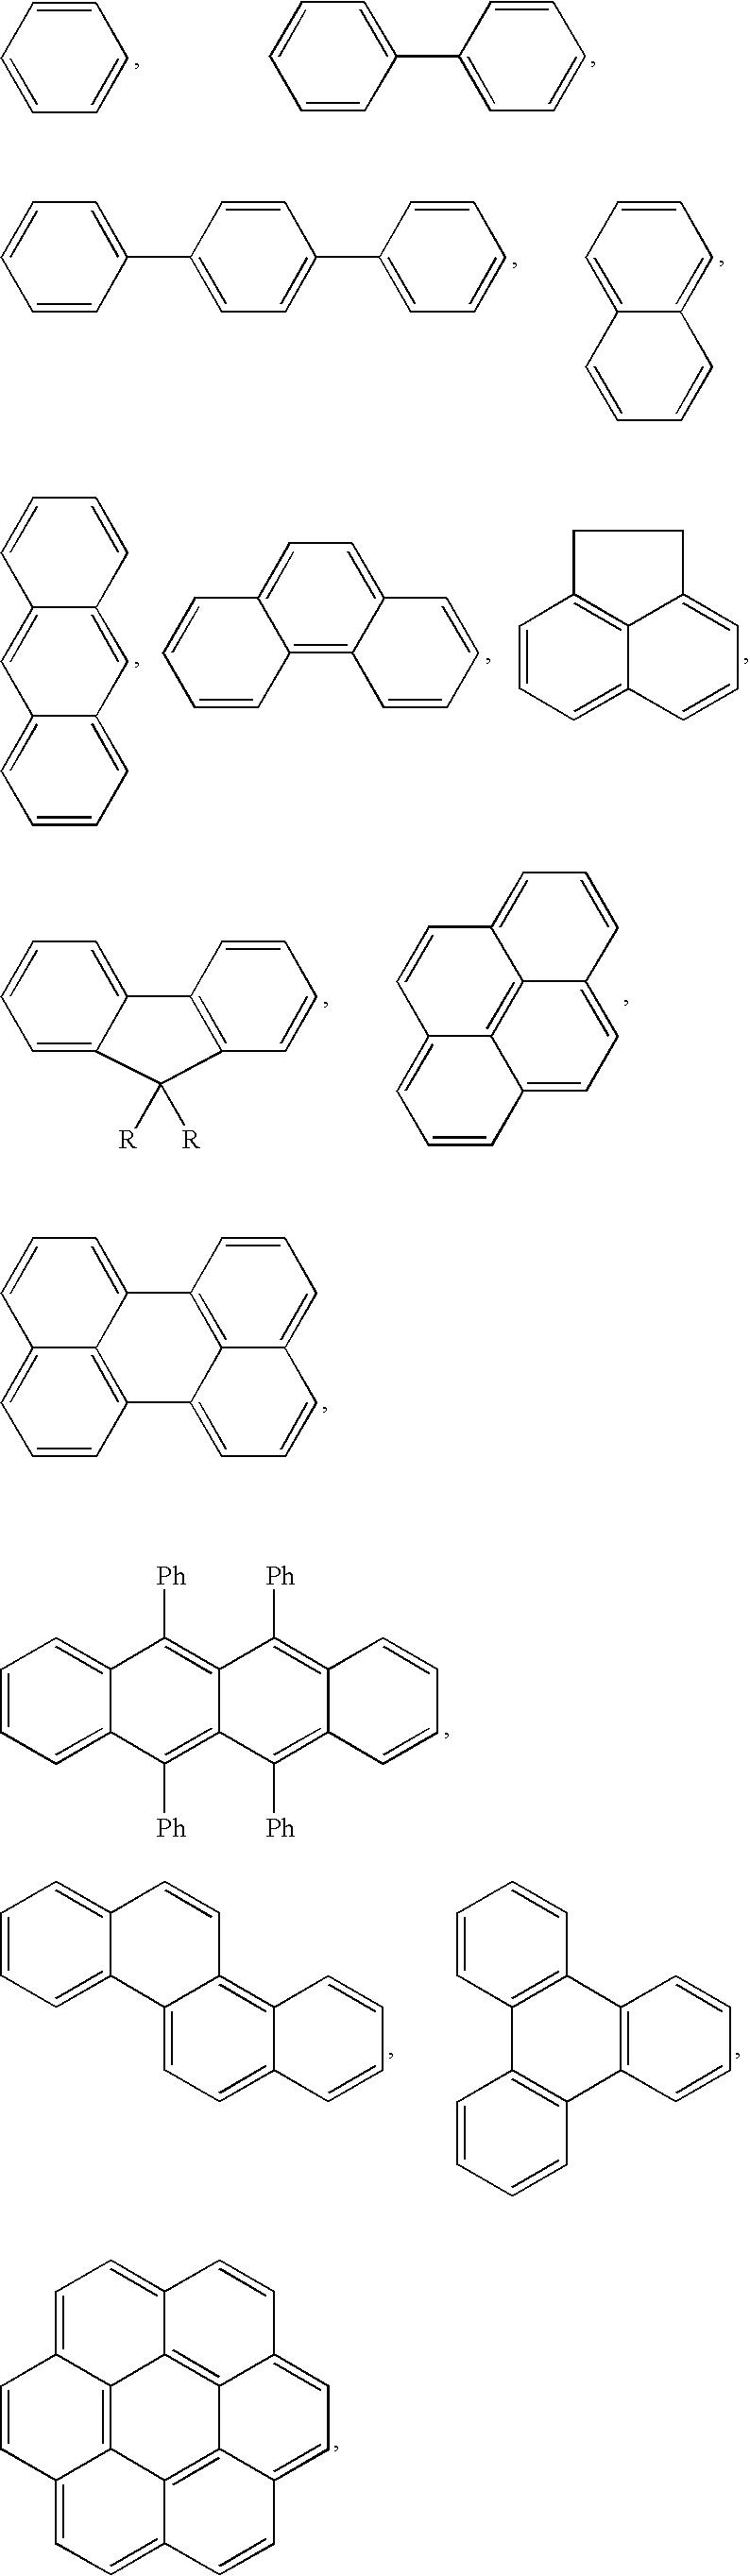 Figure US20070107835A1-20070517-C00020